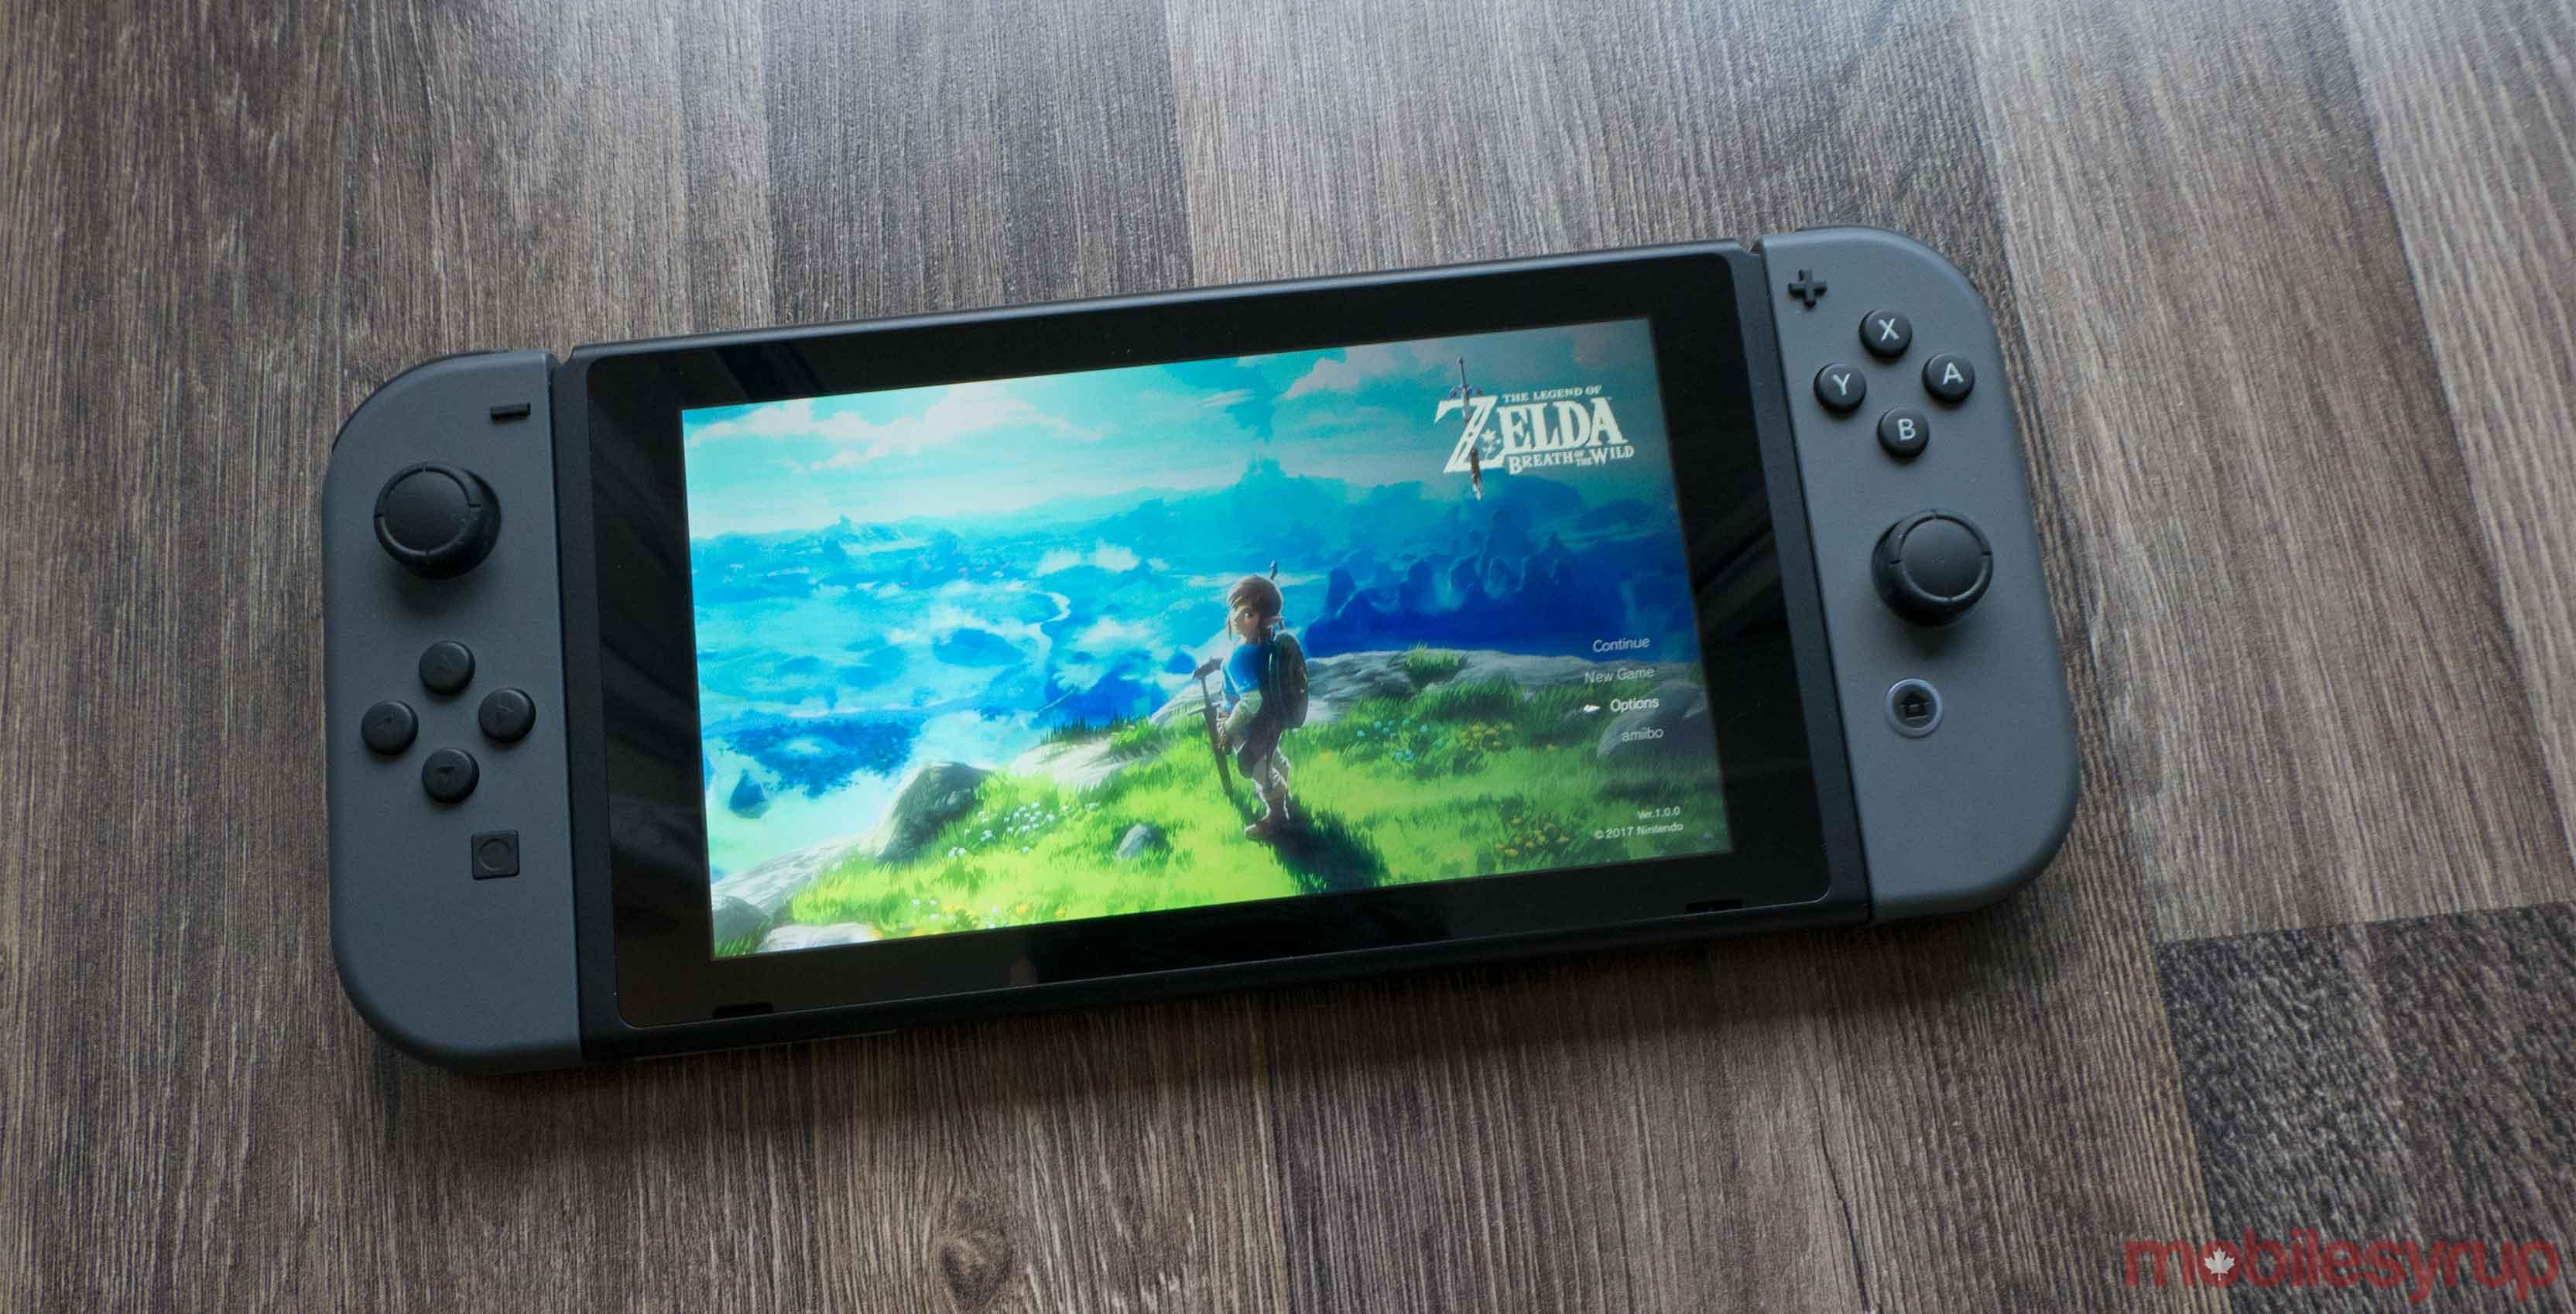 Nintendo Switch with Zelda